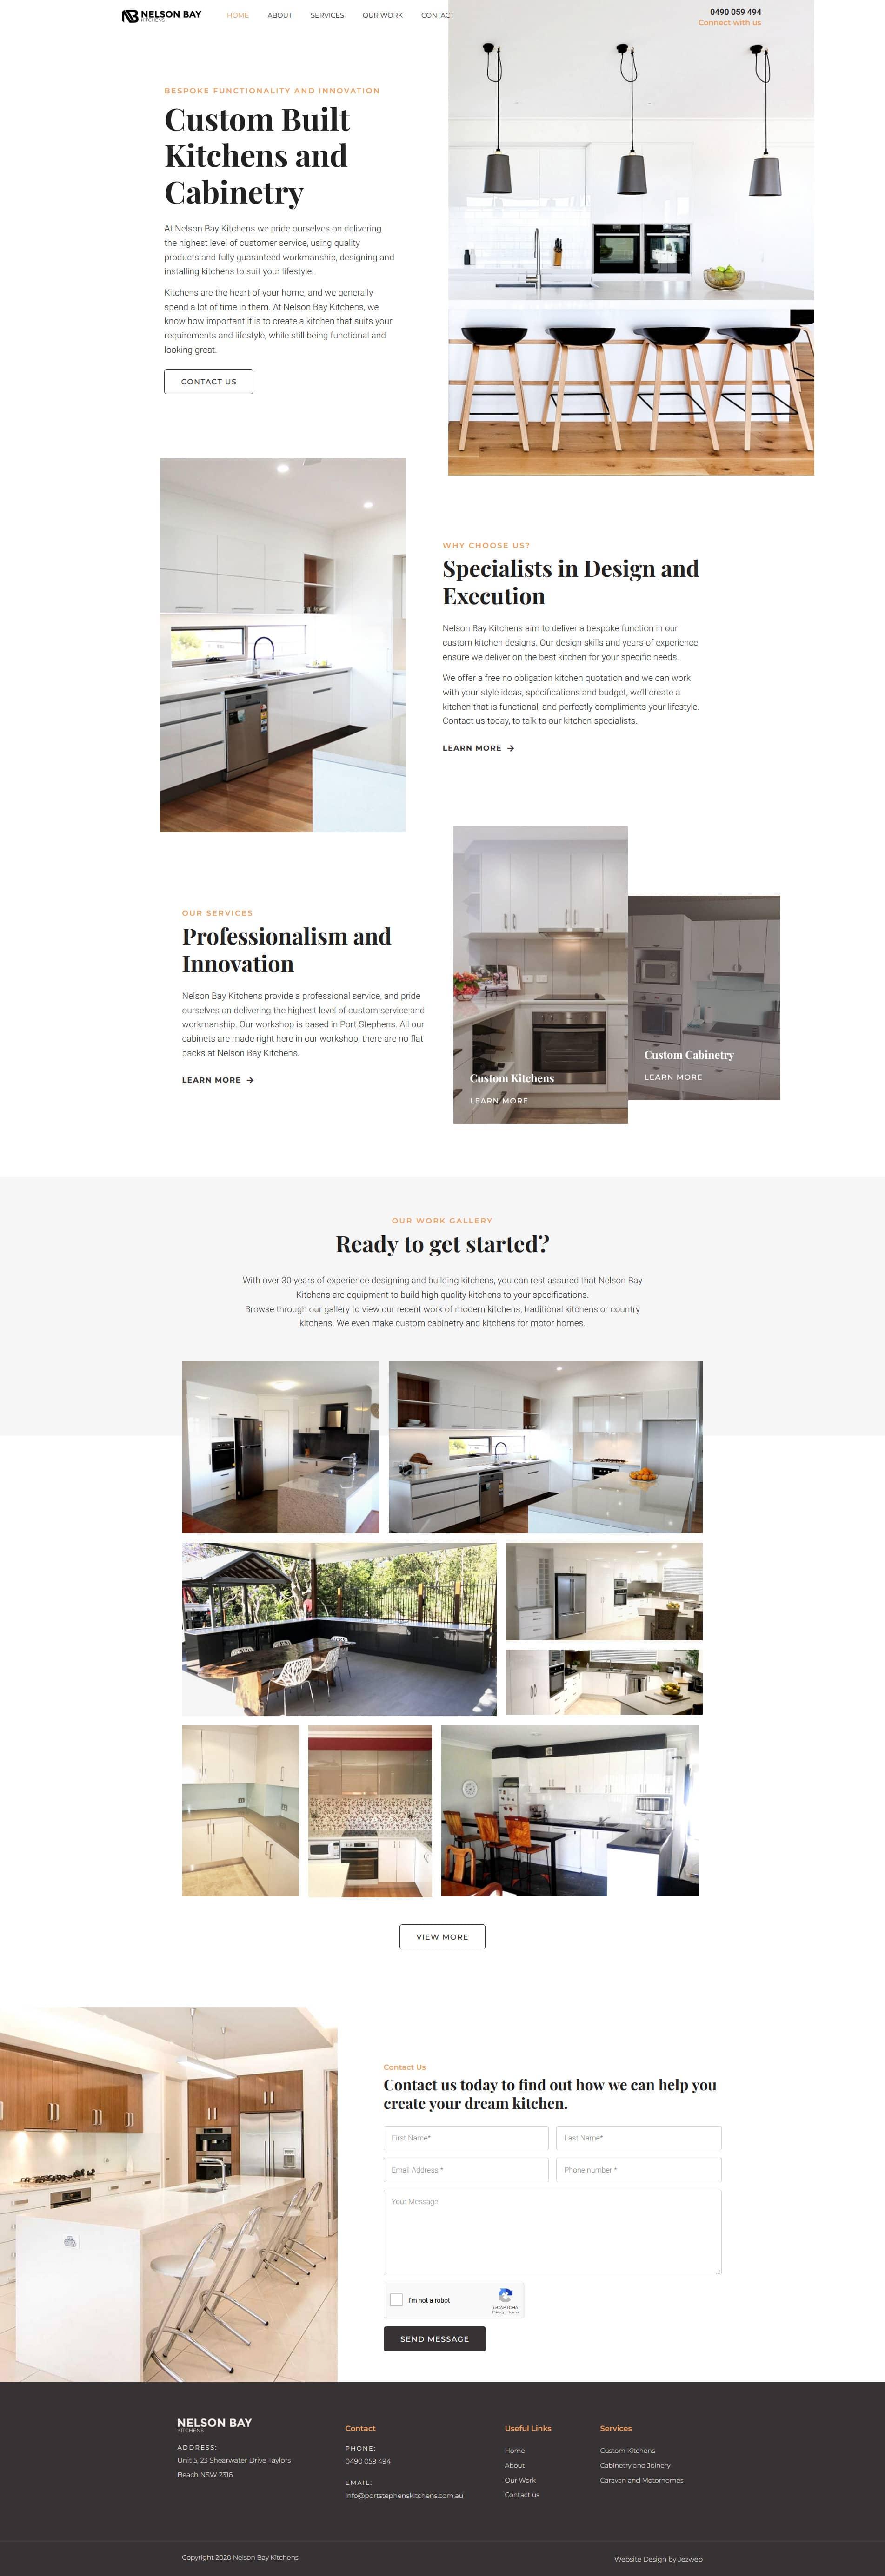 Nelson Bay Kitchens -